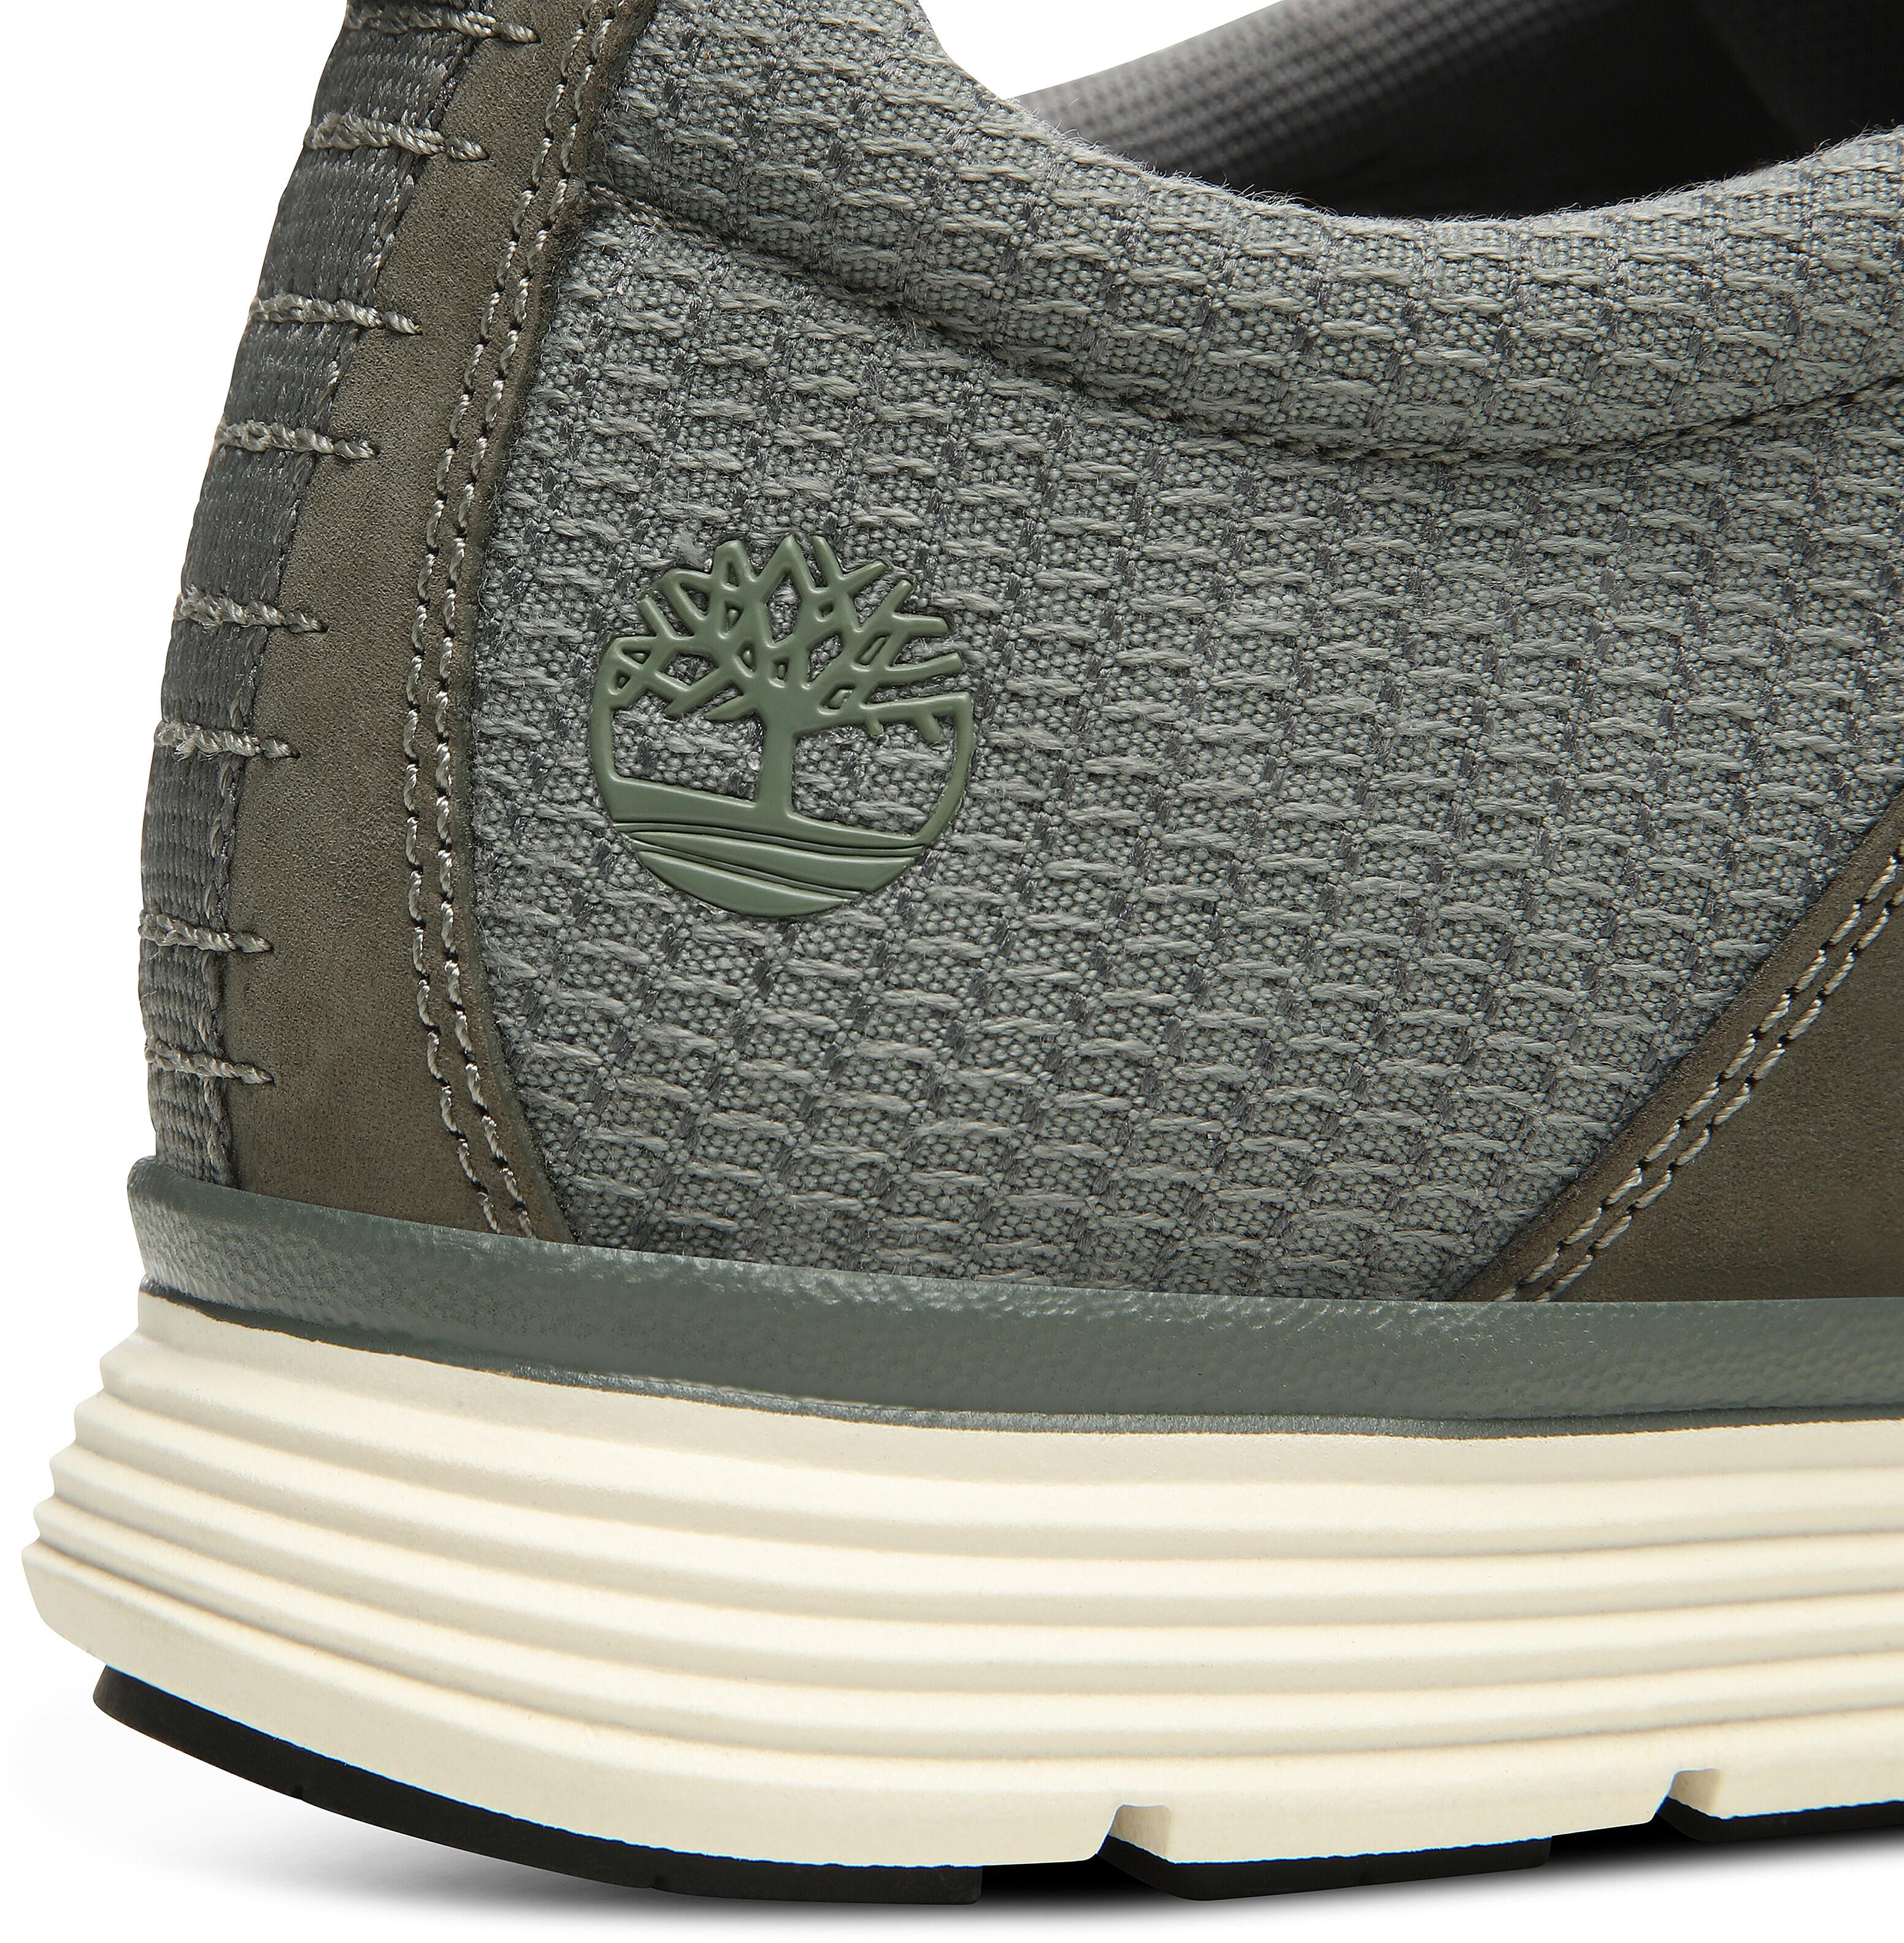 344a5740dc31f5 Timberland Killington L/F Oxford - Chaussures Homme - gris sur CAMPZ !